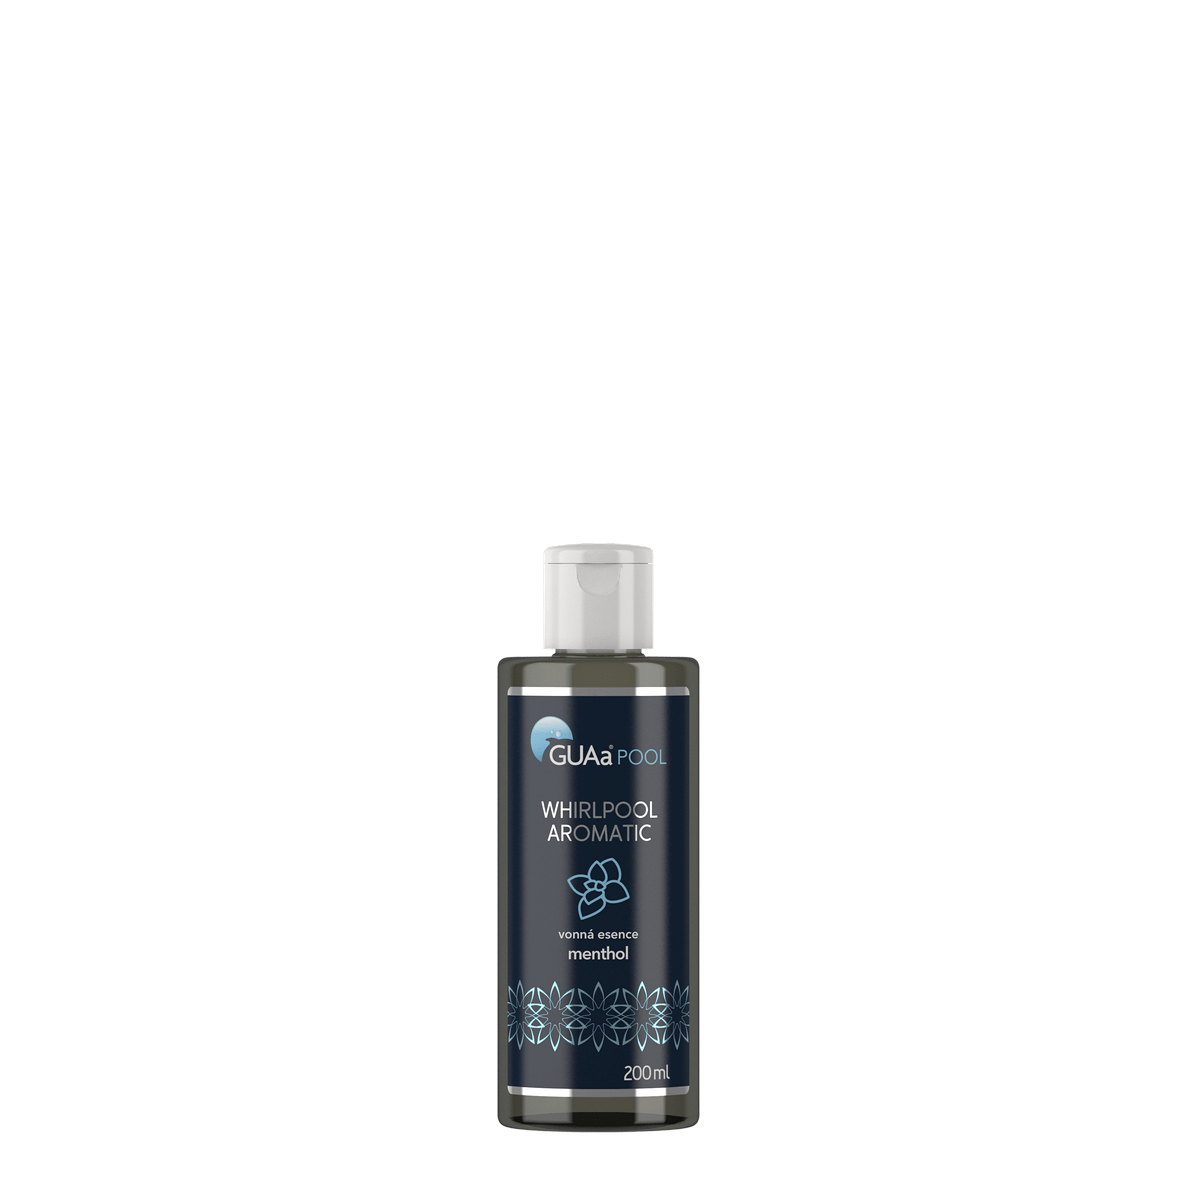 GUAa POOL WHIRLPOOL AROMATIC - Menthol - vonná esence pro vířivé a masážní vany